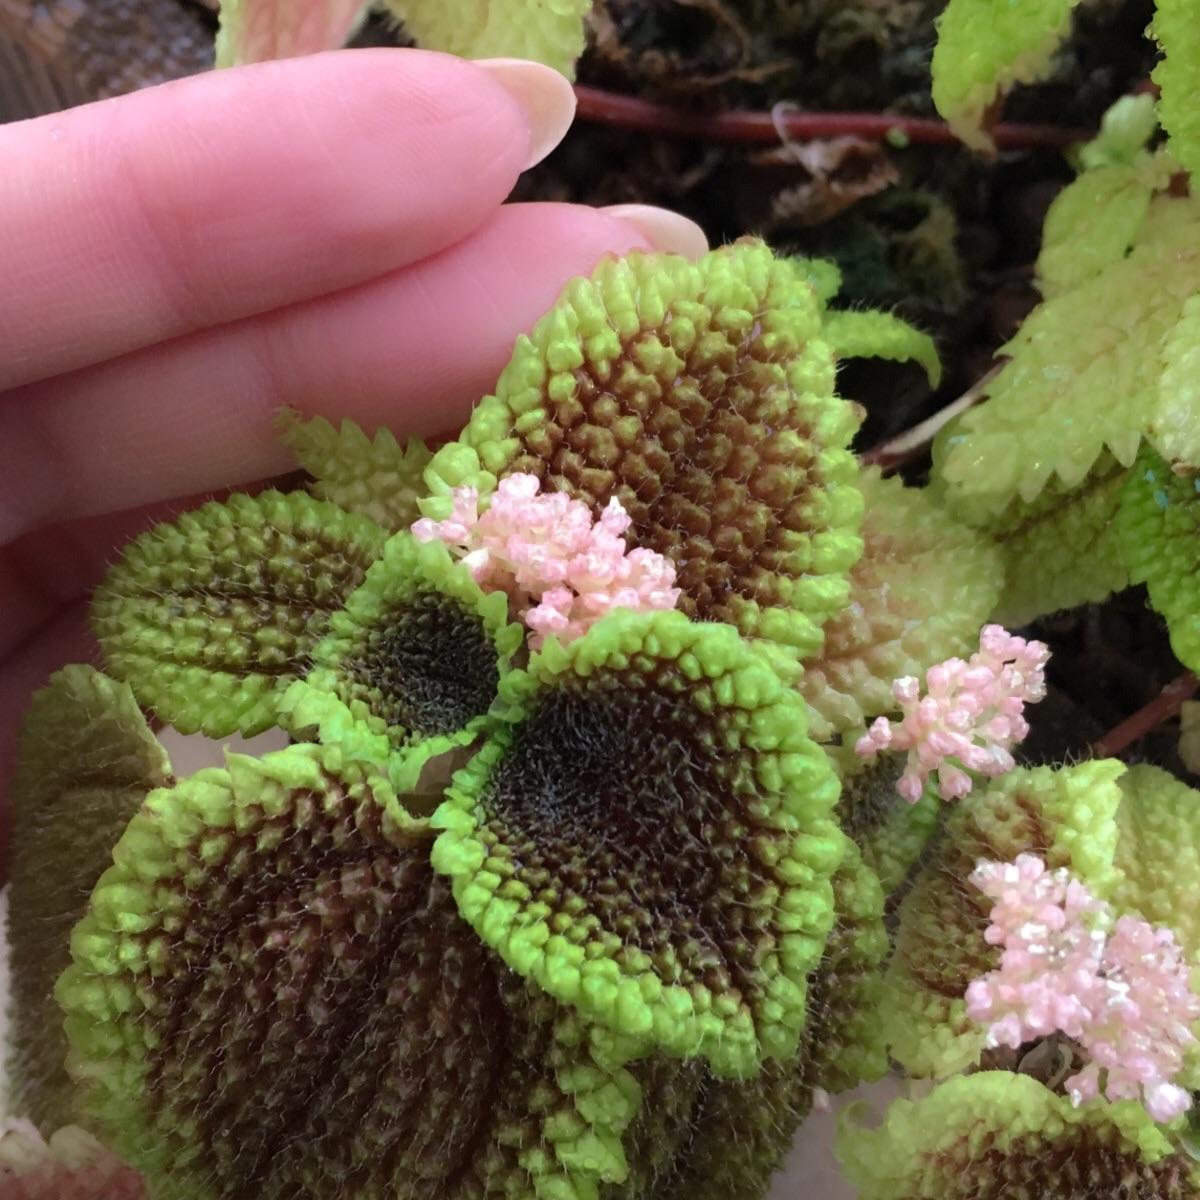 ピレア・ムーンバレーは、ピンク色の小さな花を沢山咲かせます